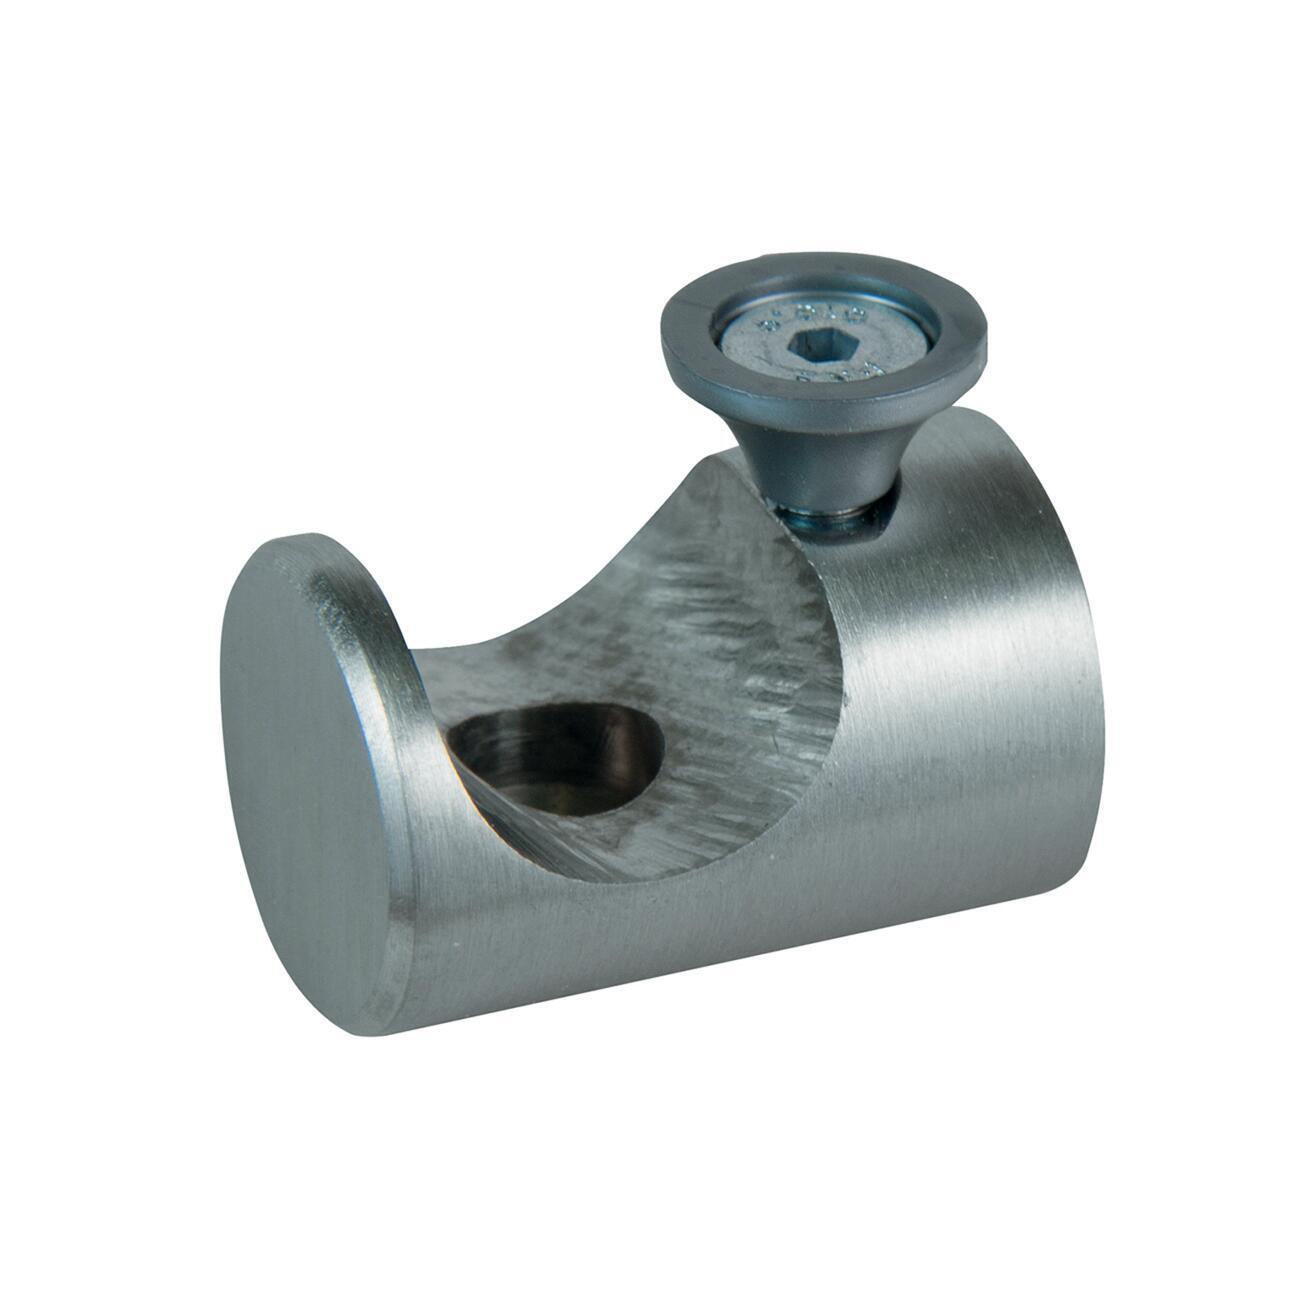 Supporto singolo aperto Ø20mm Time in metallo acciaio satinato 4cm, 2 pz